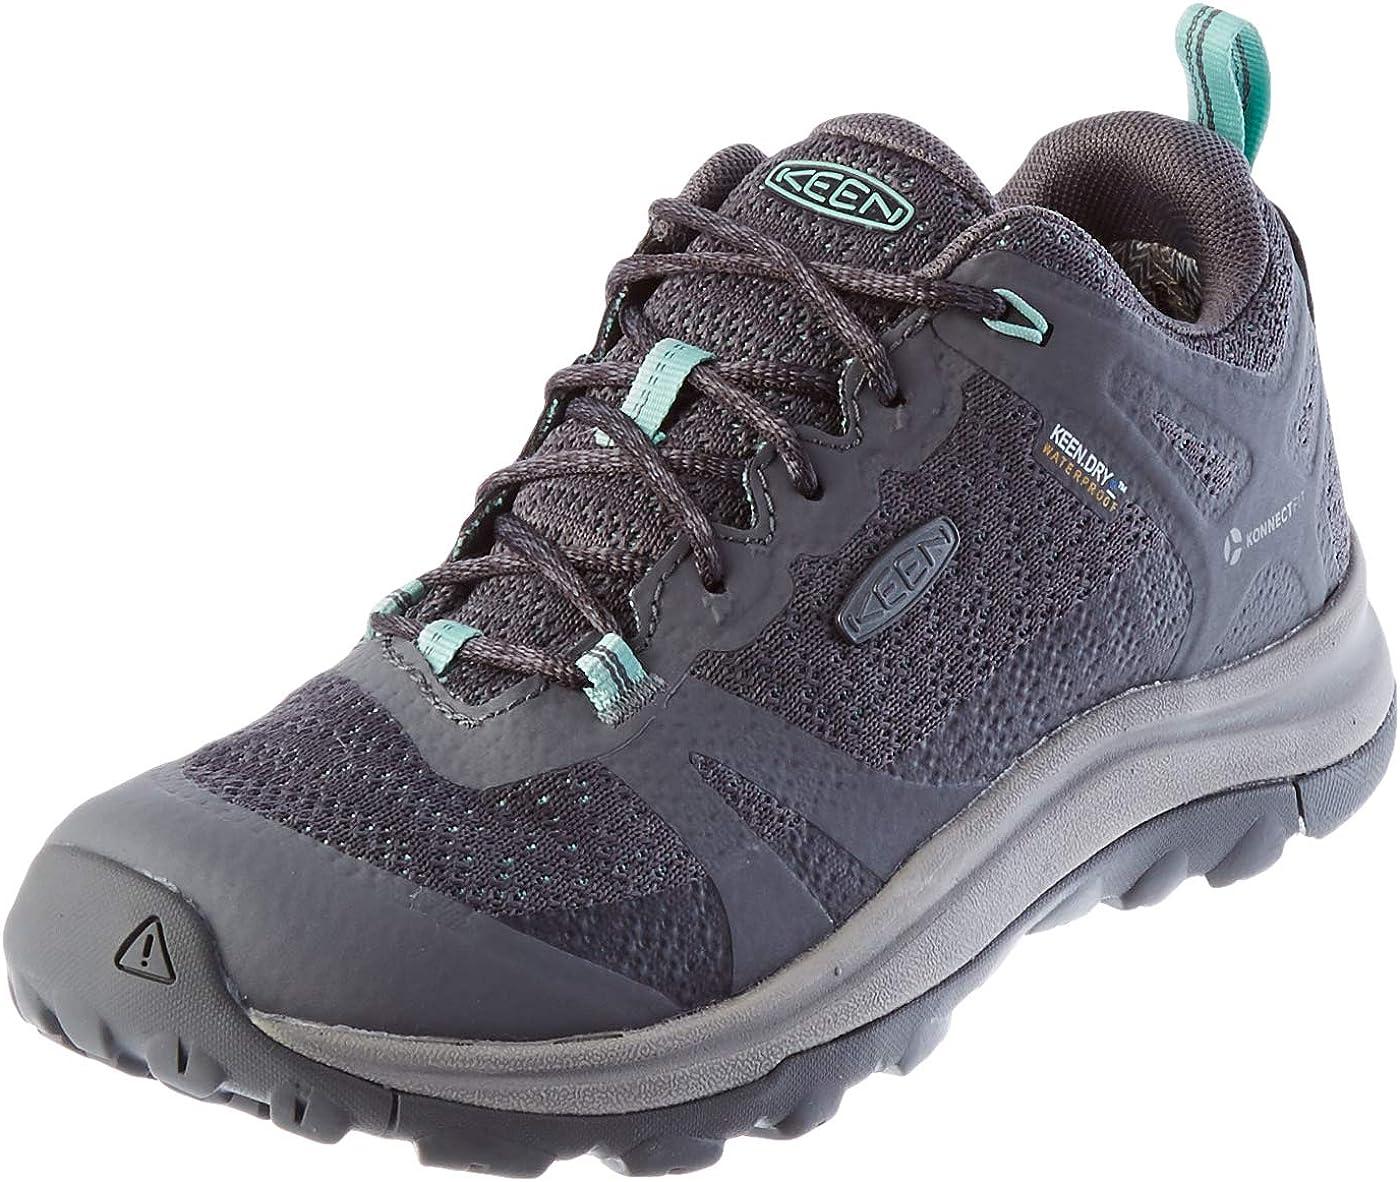 | KEEN Women's Terradora 2 Waterproof Low Height Hiking Shoe | Hiking Shoes